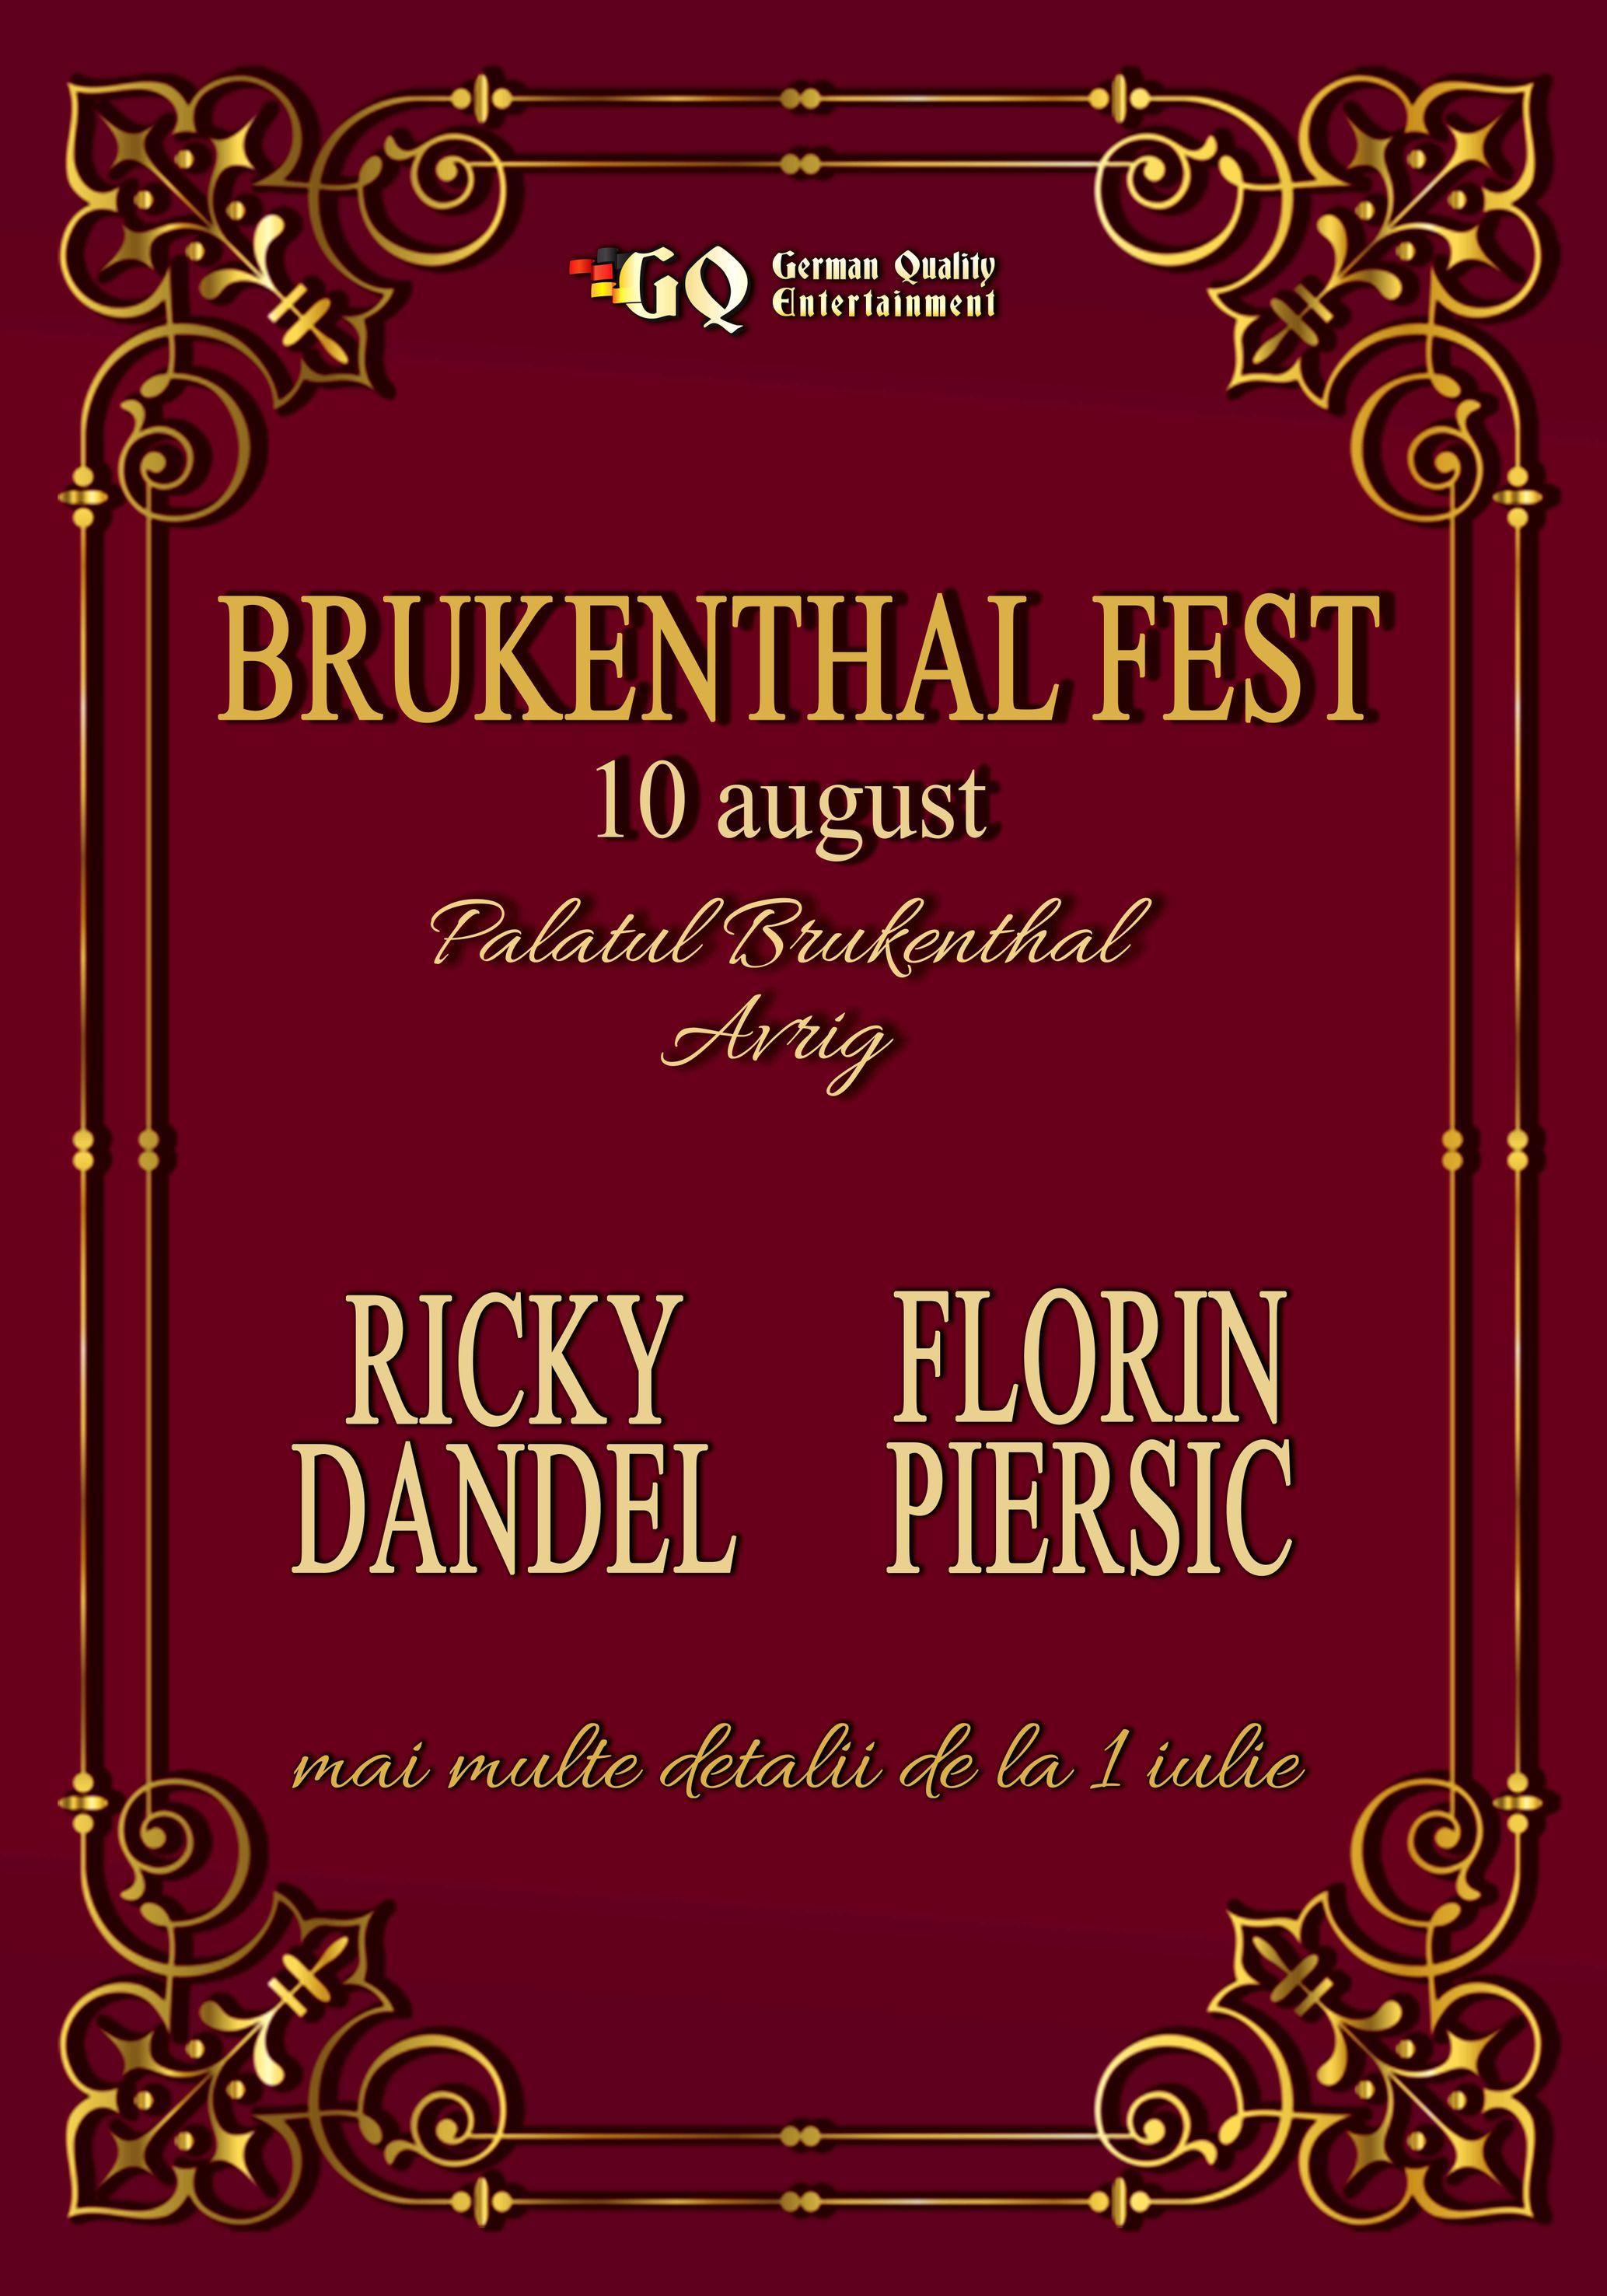 BRUKENTHAL FEST   Cincizeci de ani de cariera muzicala pentru Ricky Dandel. Special guest: Florin Piersic!